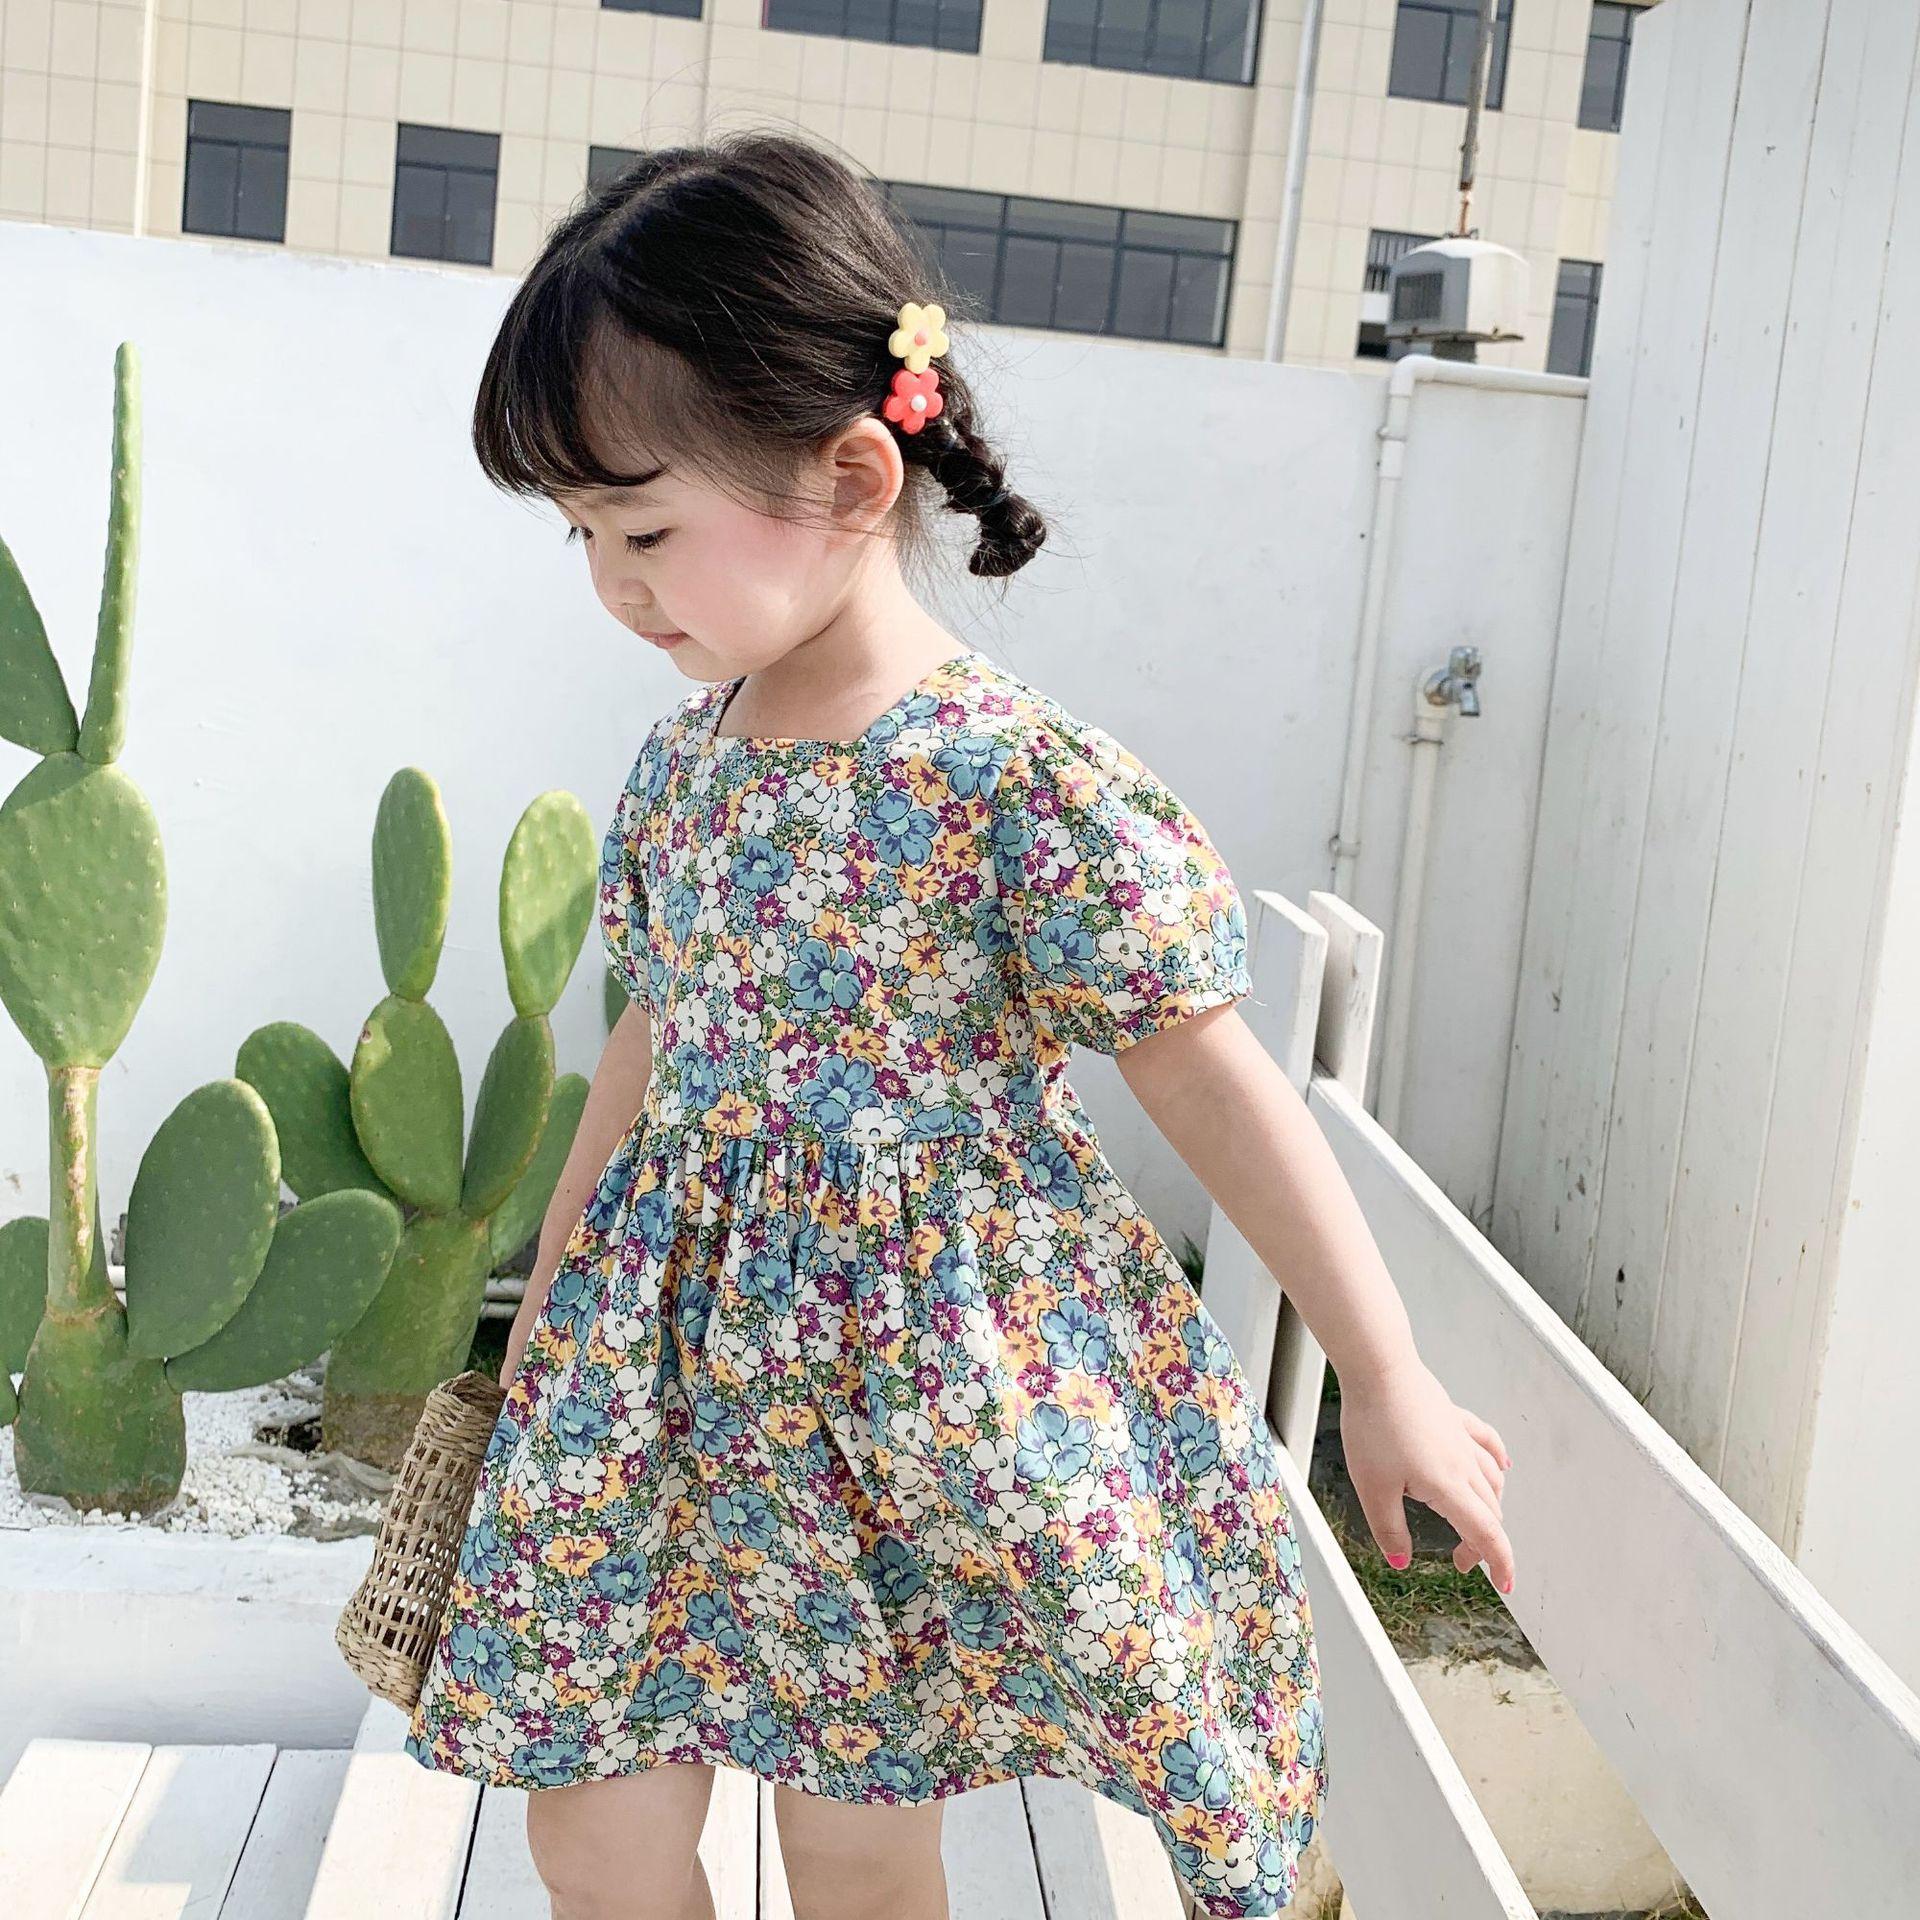 KMAN Trang phục trẻ em mùa hè Can Mi Anne 2020 quần áo trẻ em mùa xuân và hè Cô gái mới ăn mặc Bộ đồ